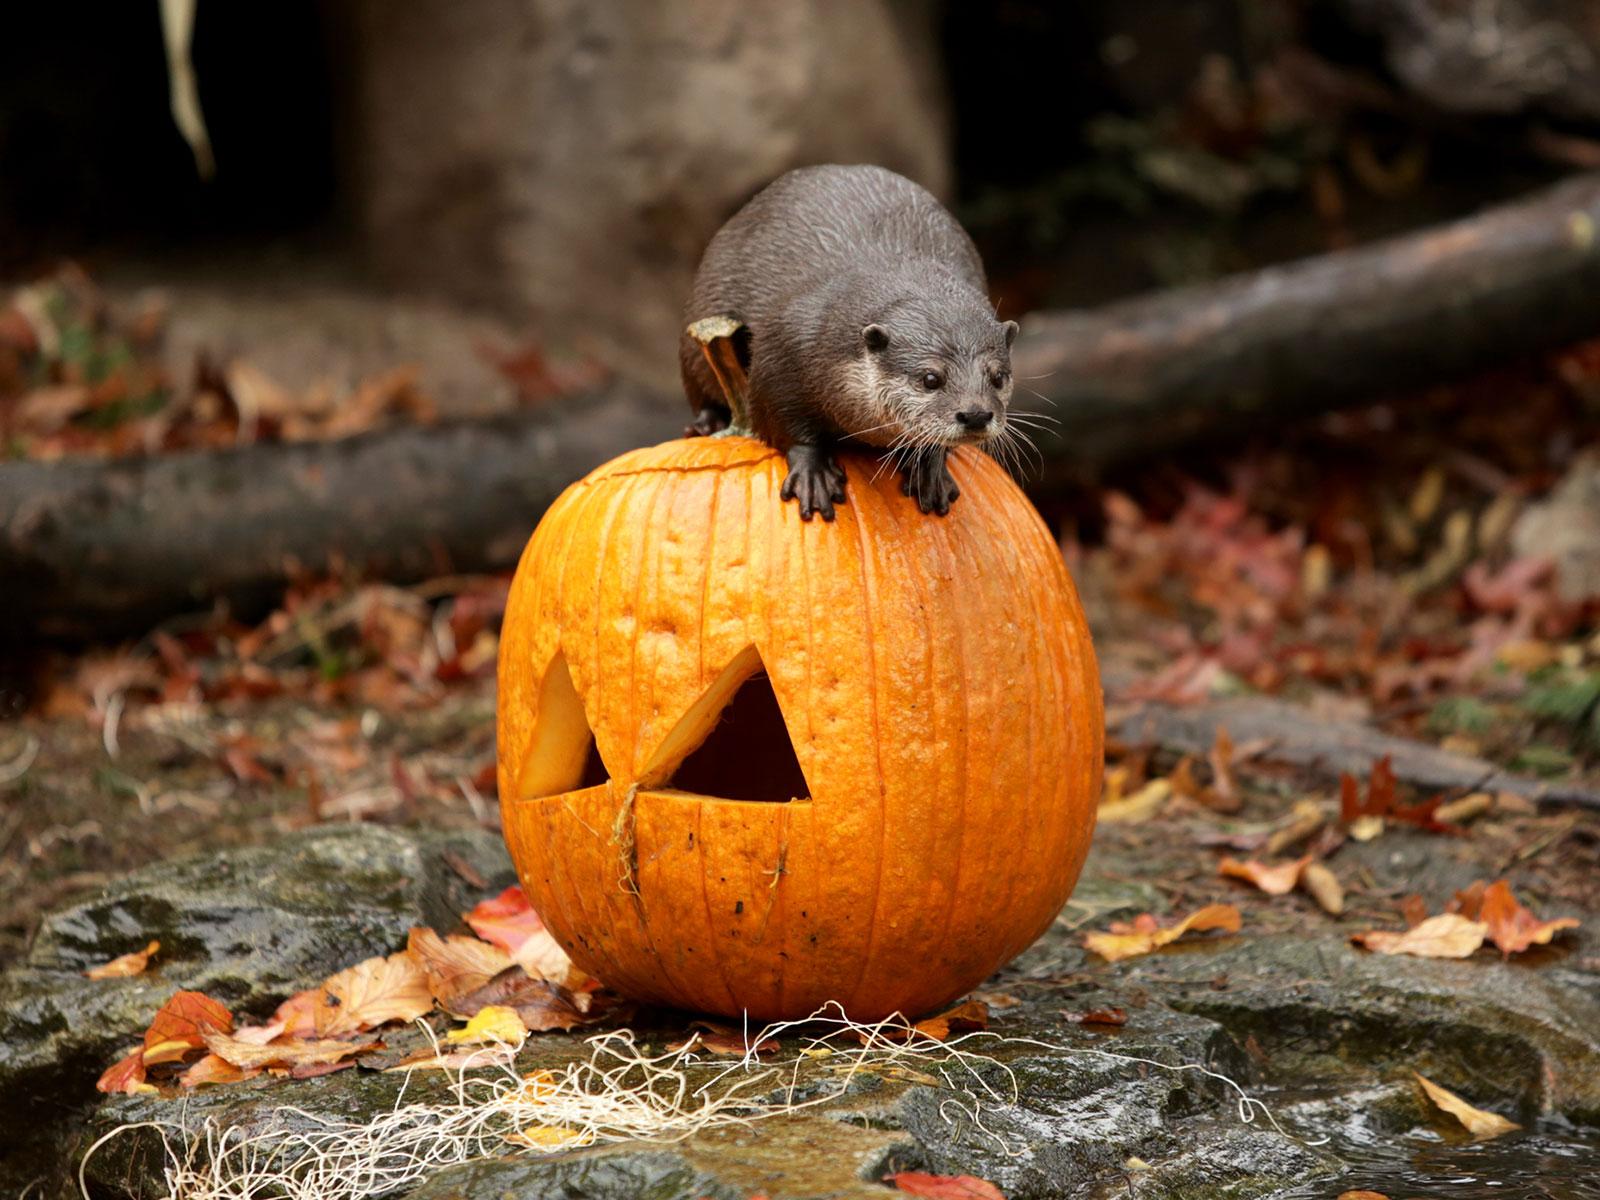 otter and a pumpkin